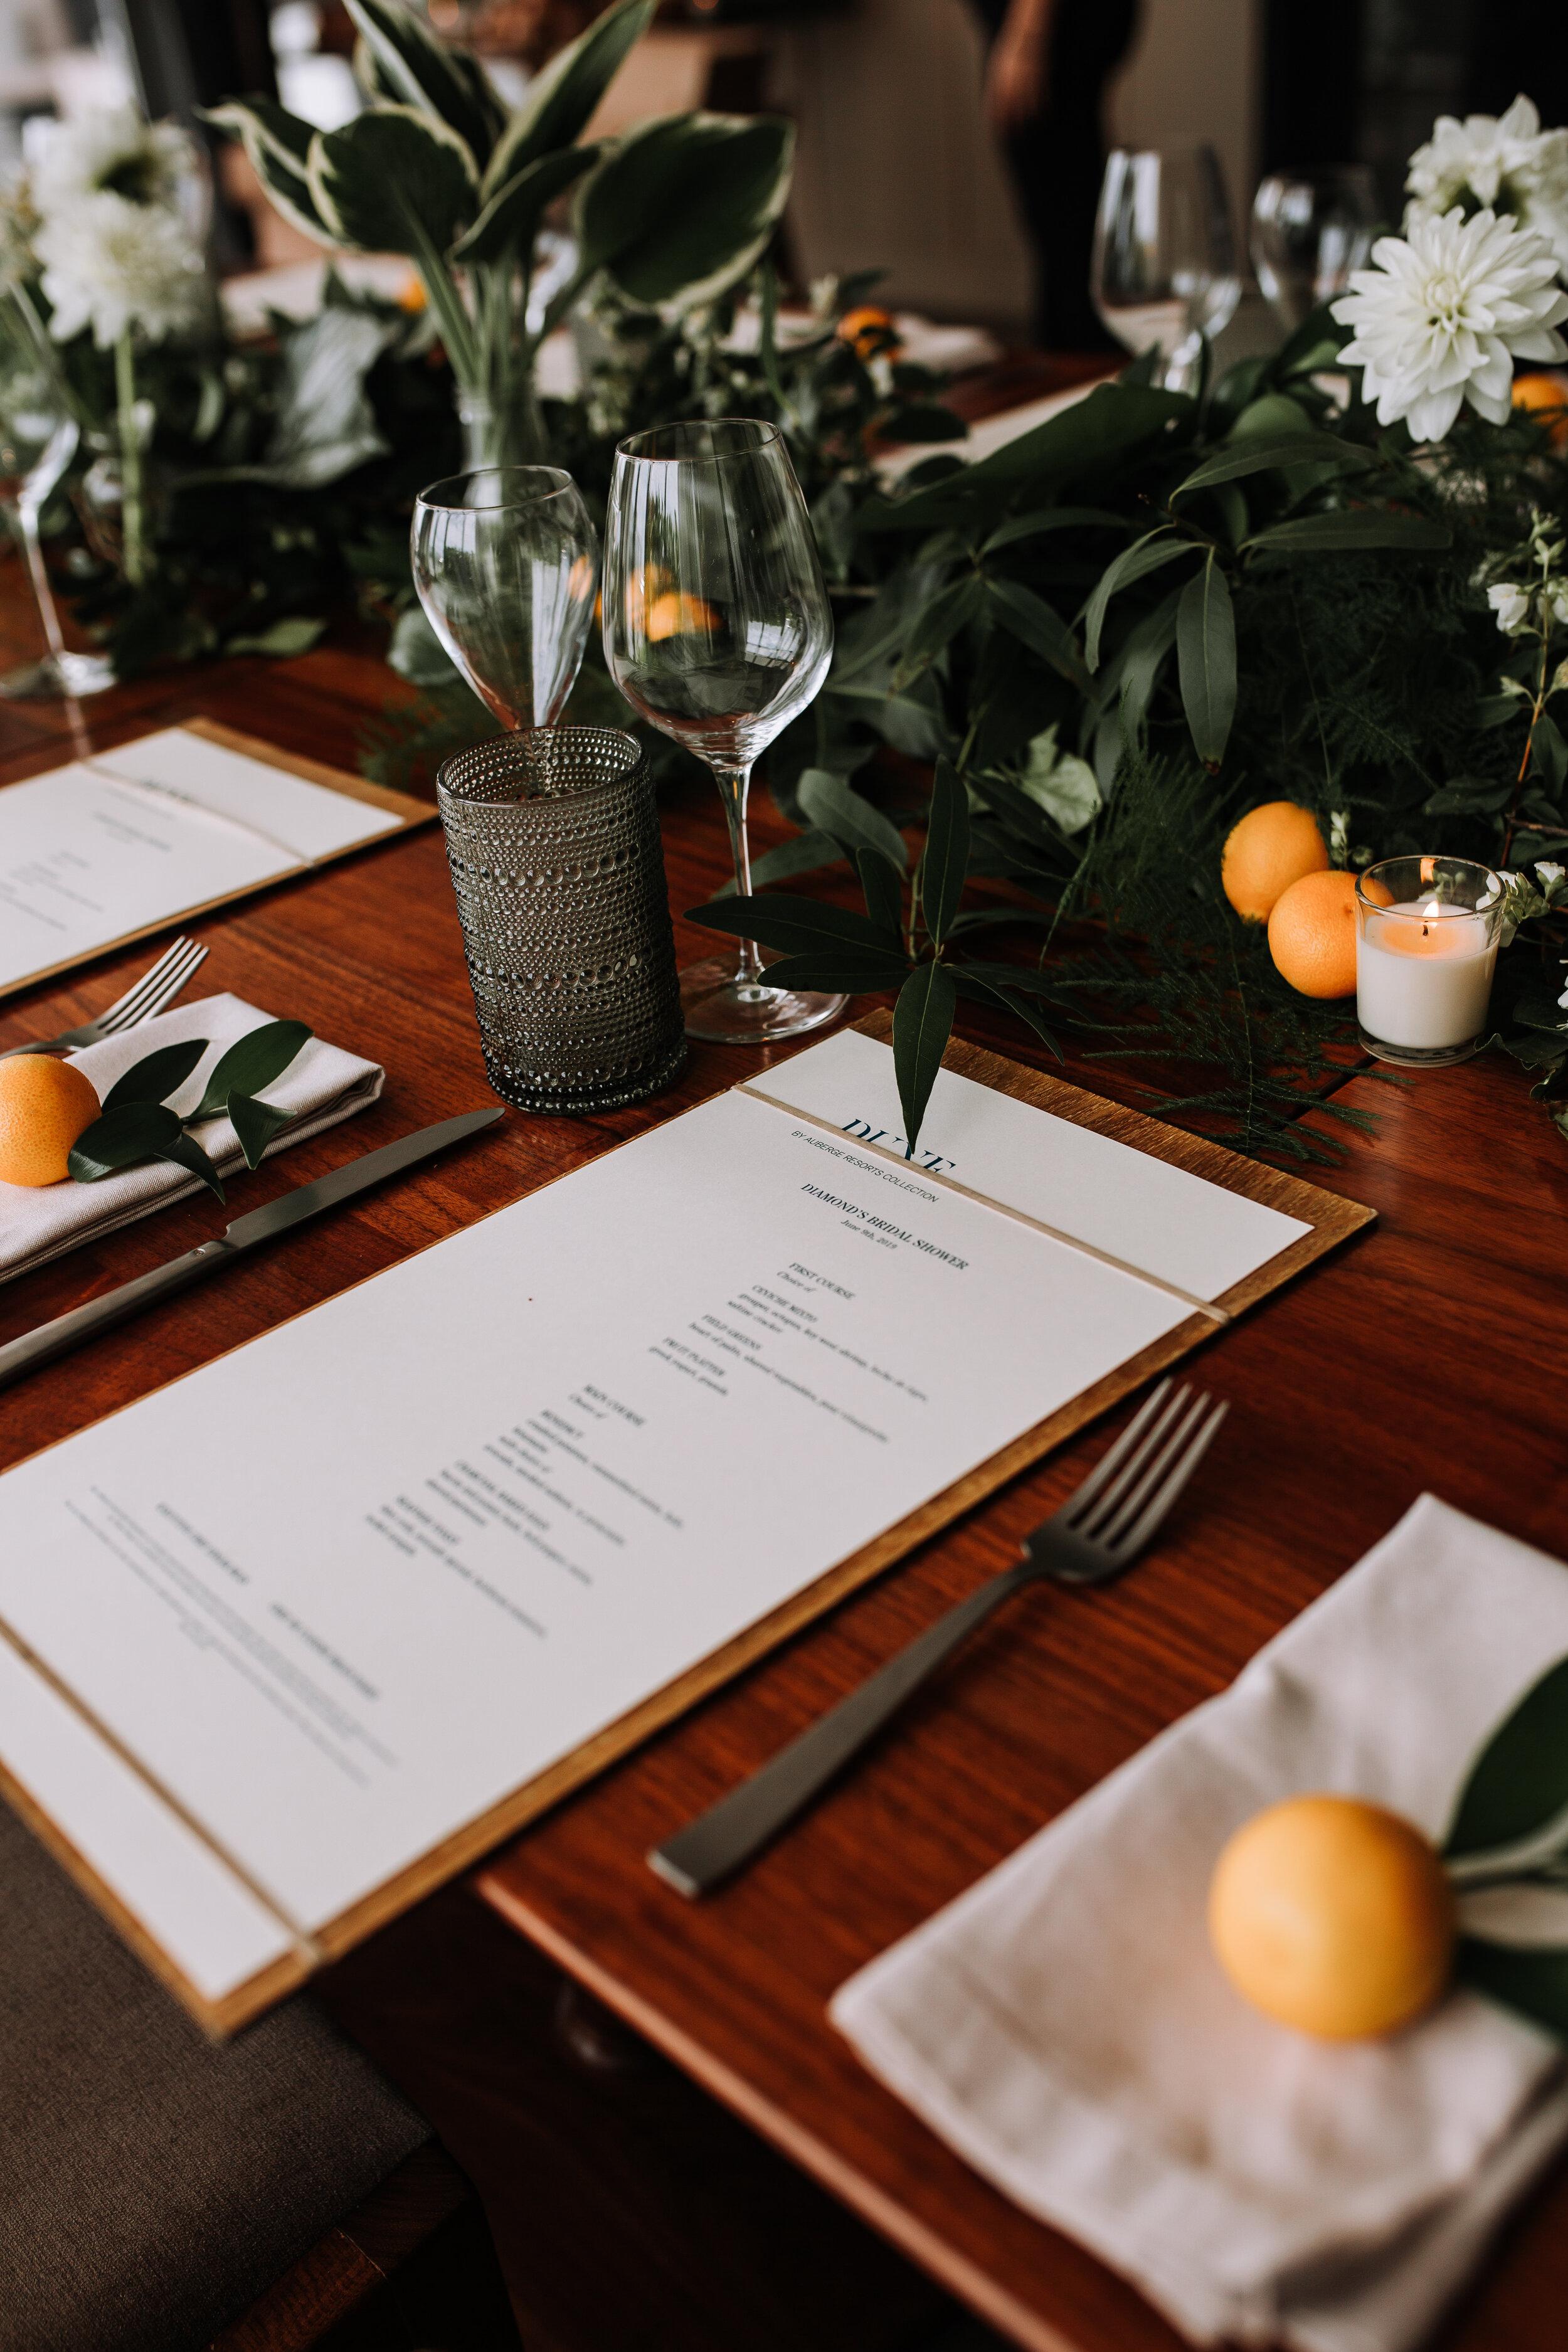 Dune-fort-lauderdale-restaurant-event